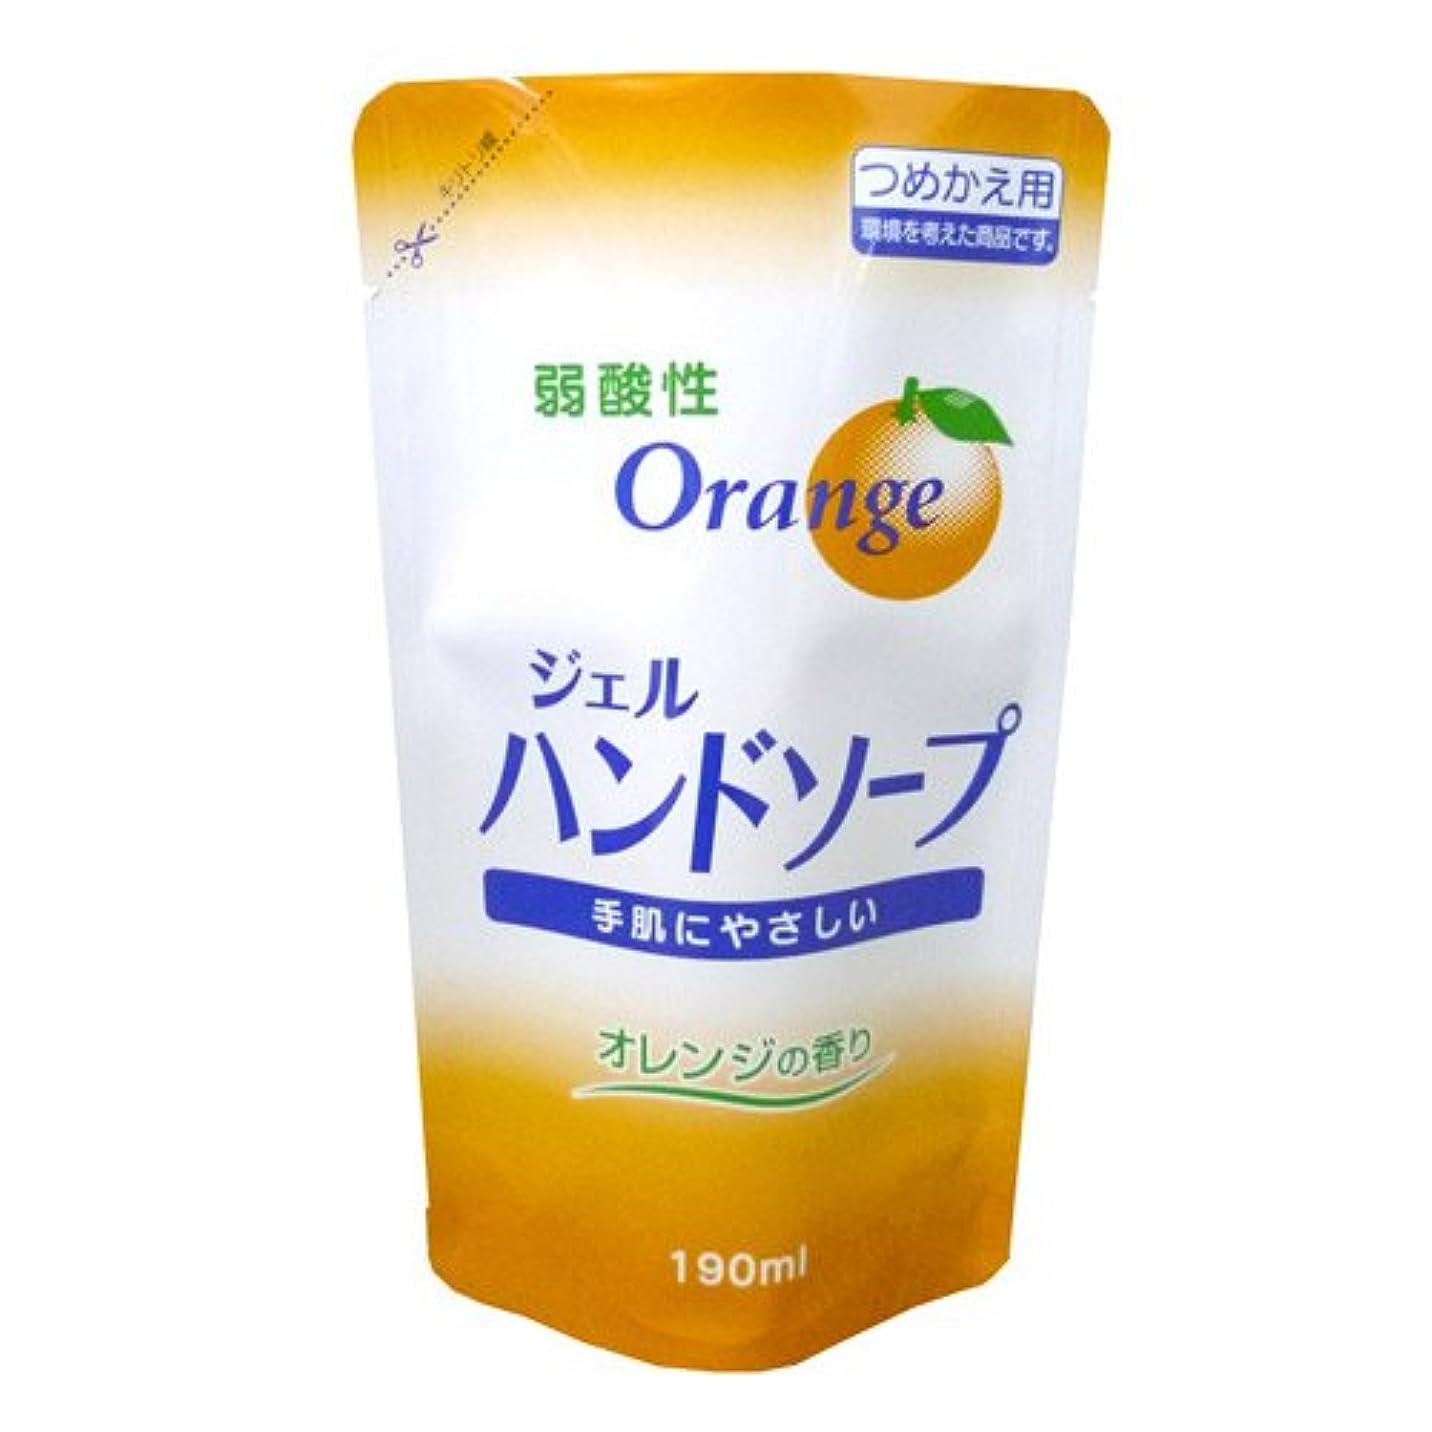 消えるダーツ強化弱酸性ジェルハンドソープ 詰替用 190ml